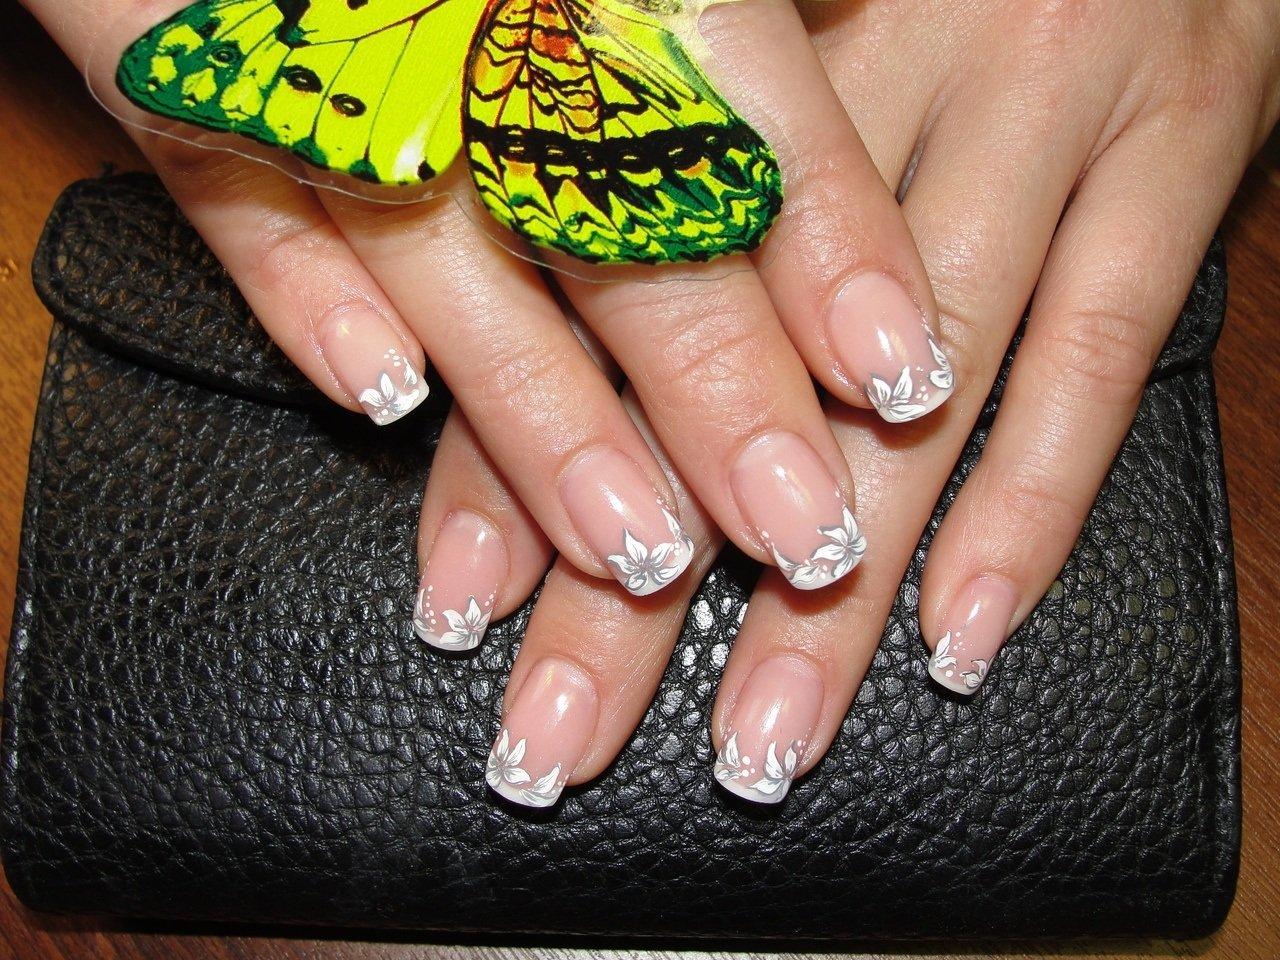 свекор картинки ногтей накрашенных нарощенных семакин